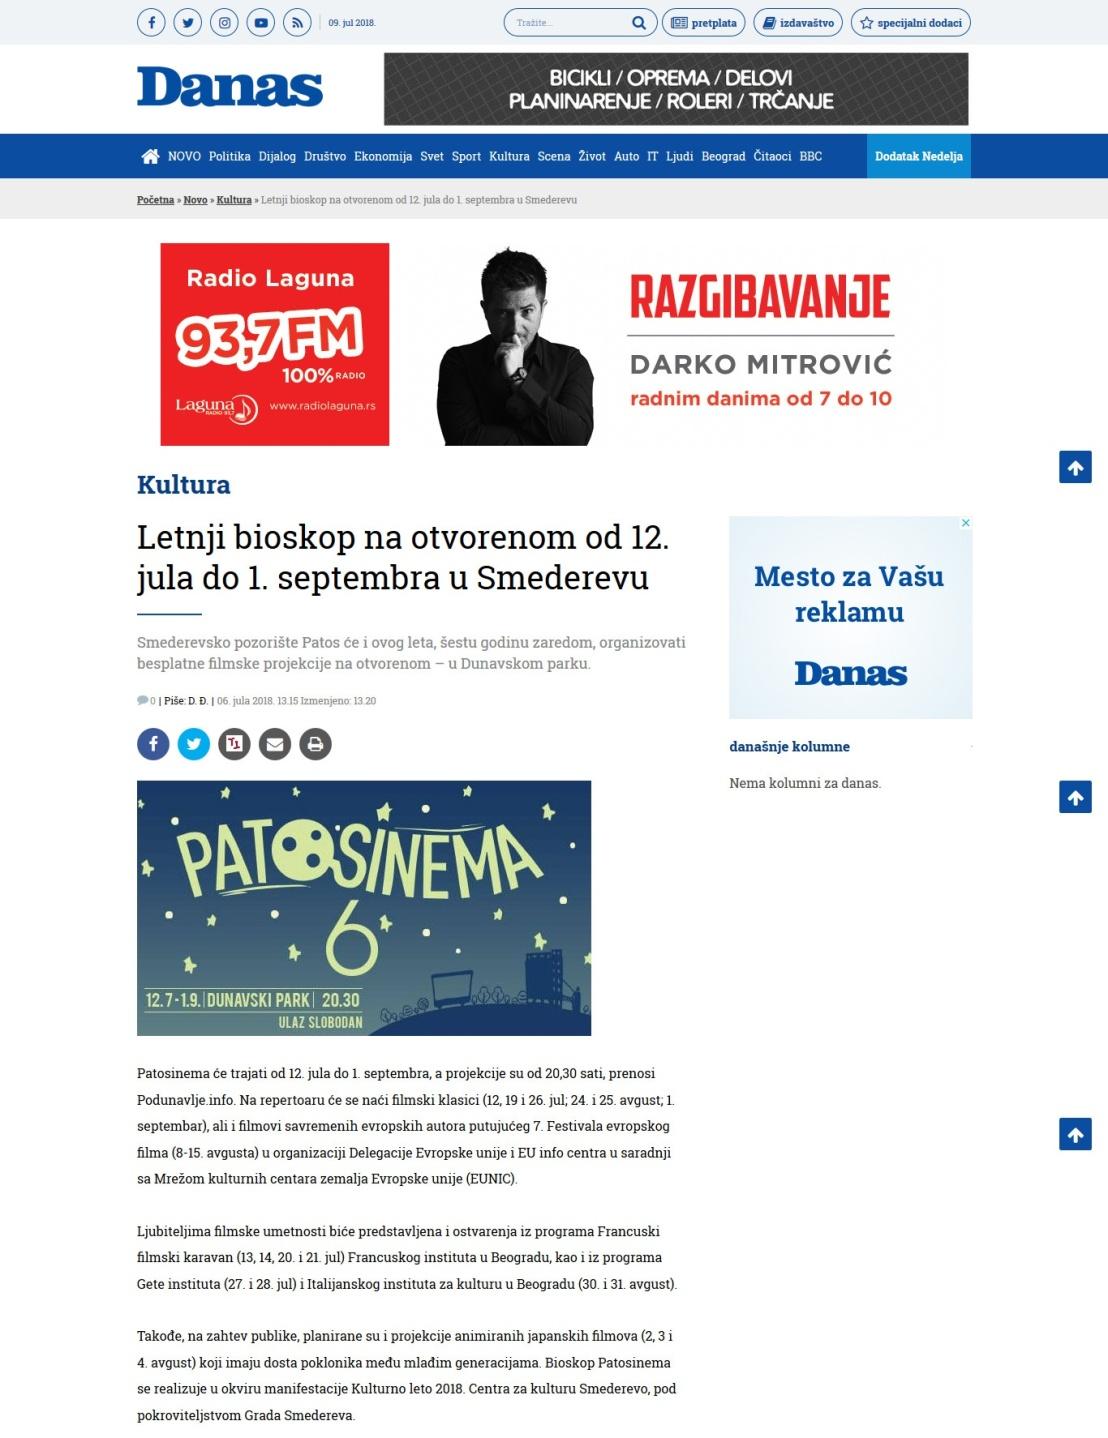 0607 - danas.rs - Letnji bioskop na otvorenom od 12. jula do 1. septembra u Smederevu.jpeg